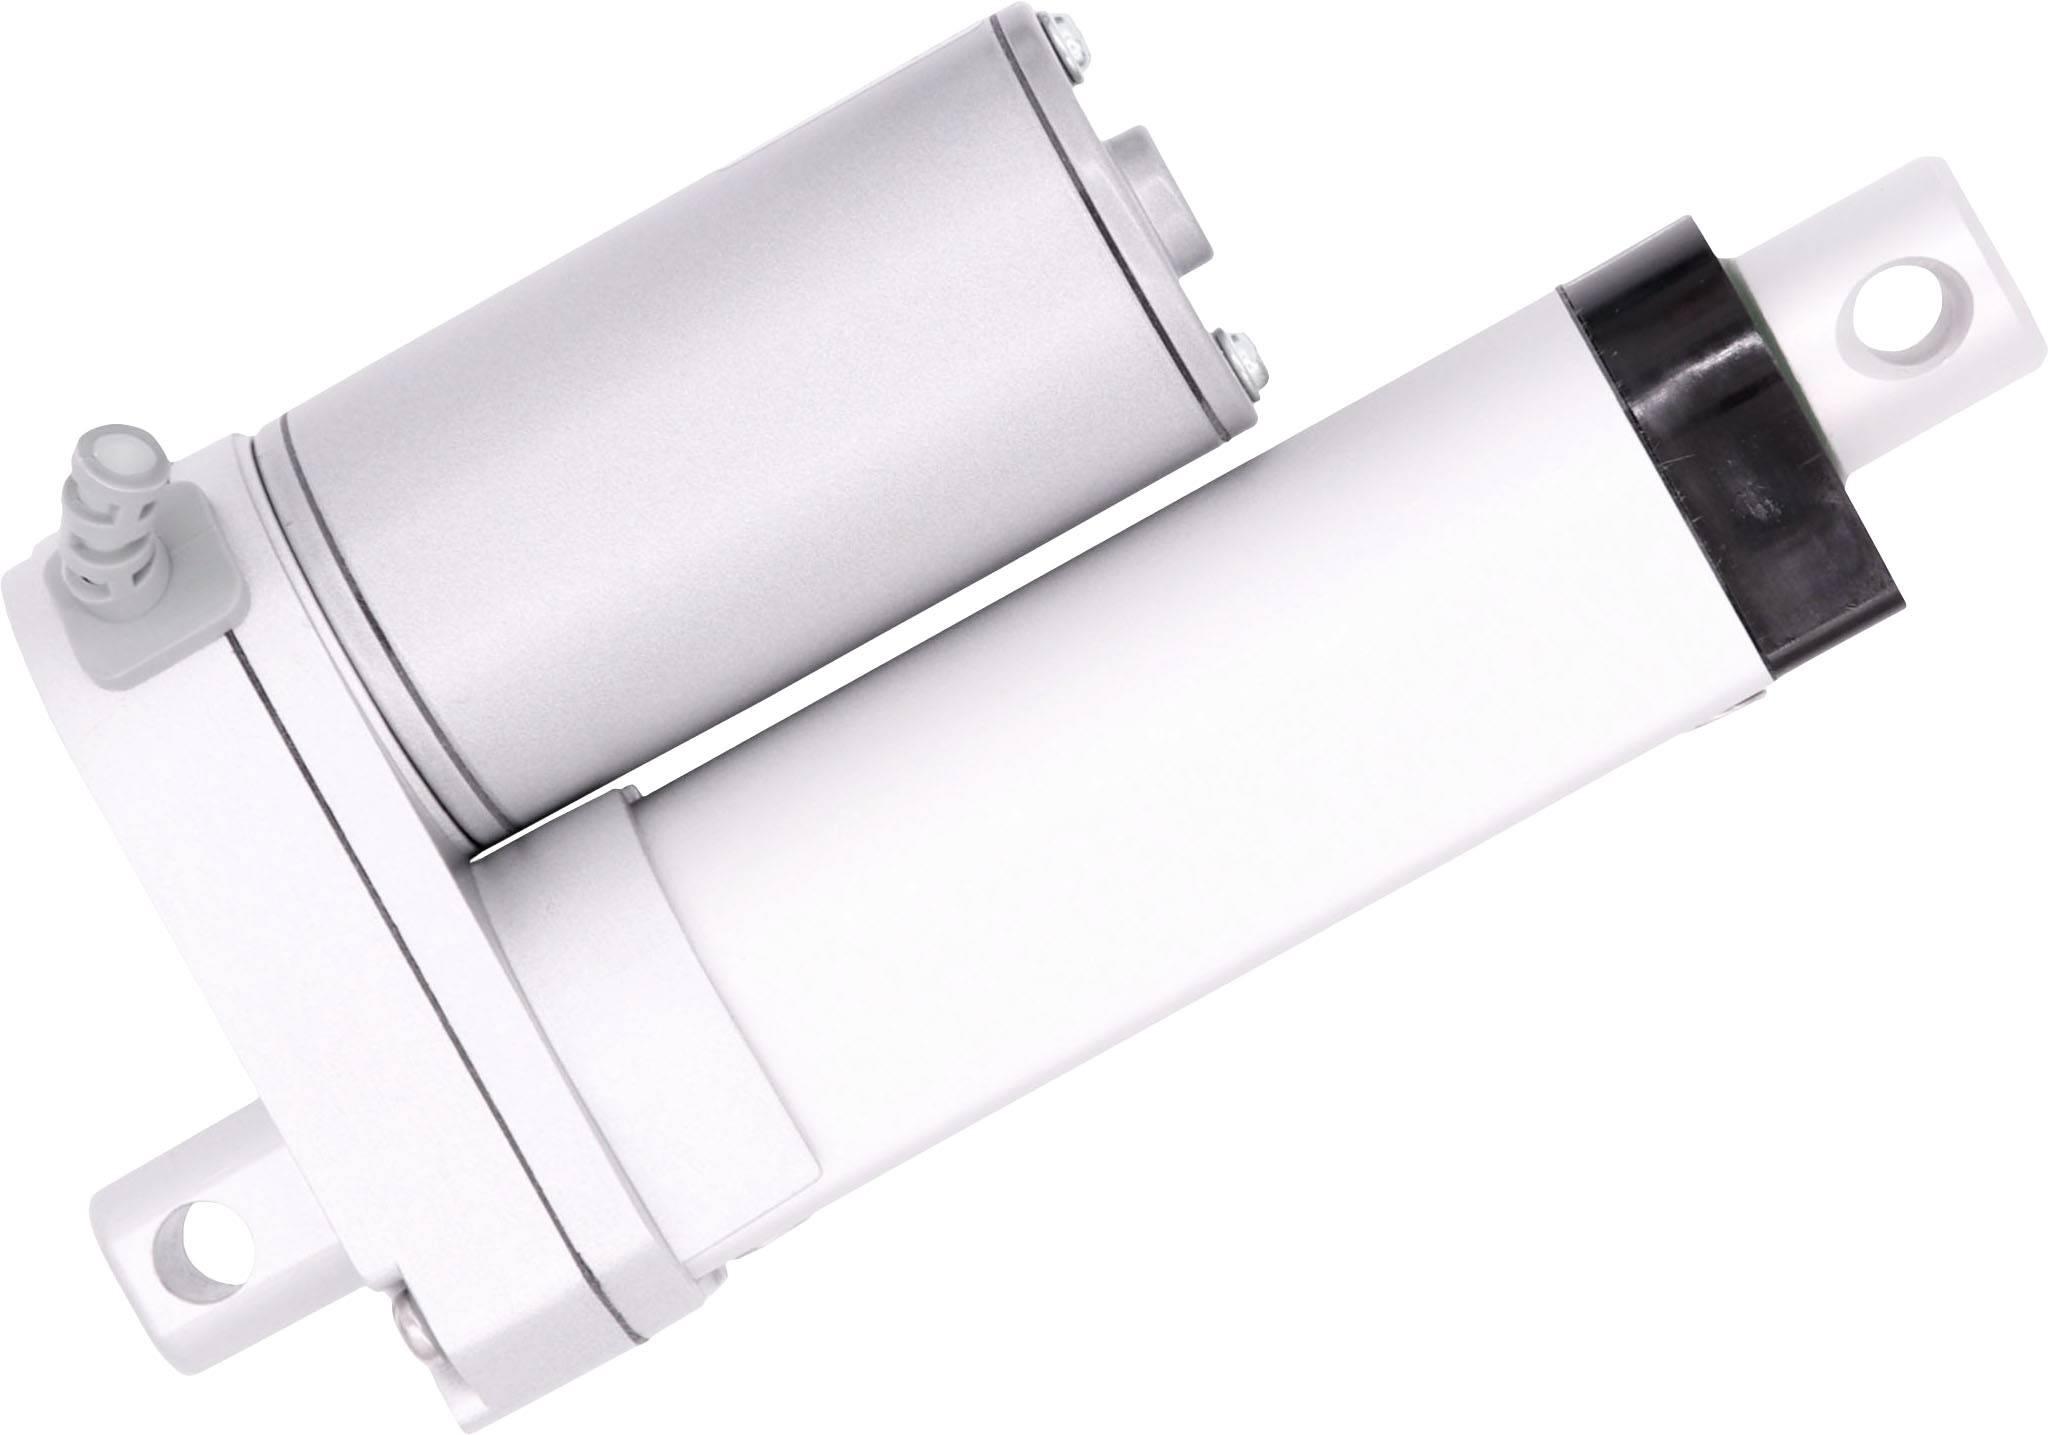 Lineárny servomotor Drive-System Europe DSZY1-24-40-A-300-IP65, 1000 N, 24 V/DC, dĺžka 300 mm